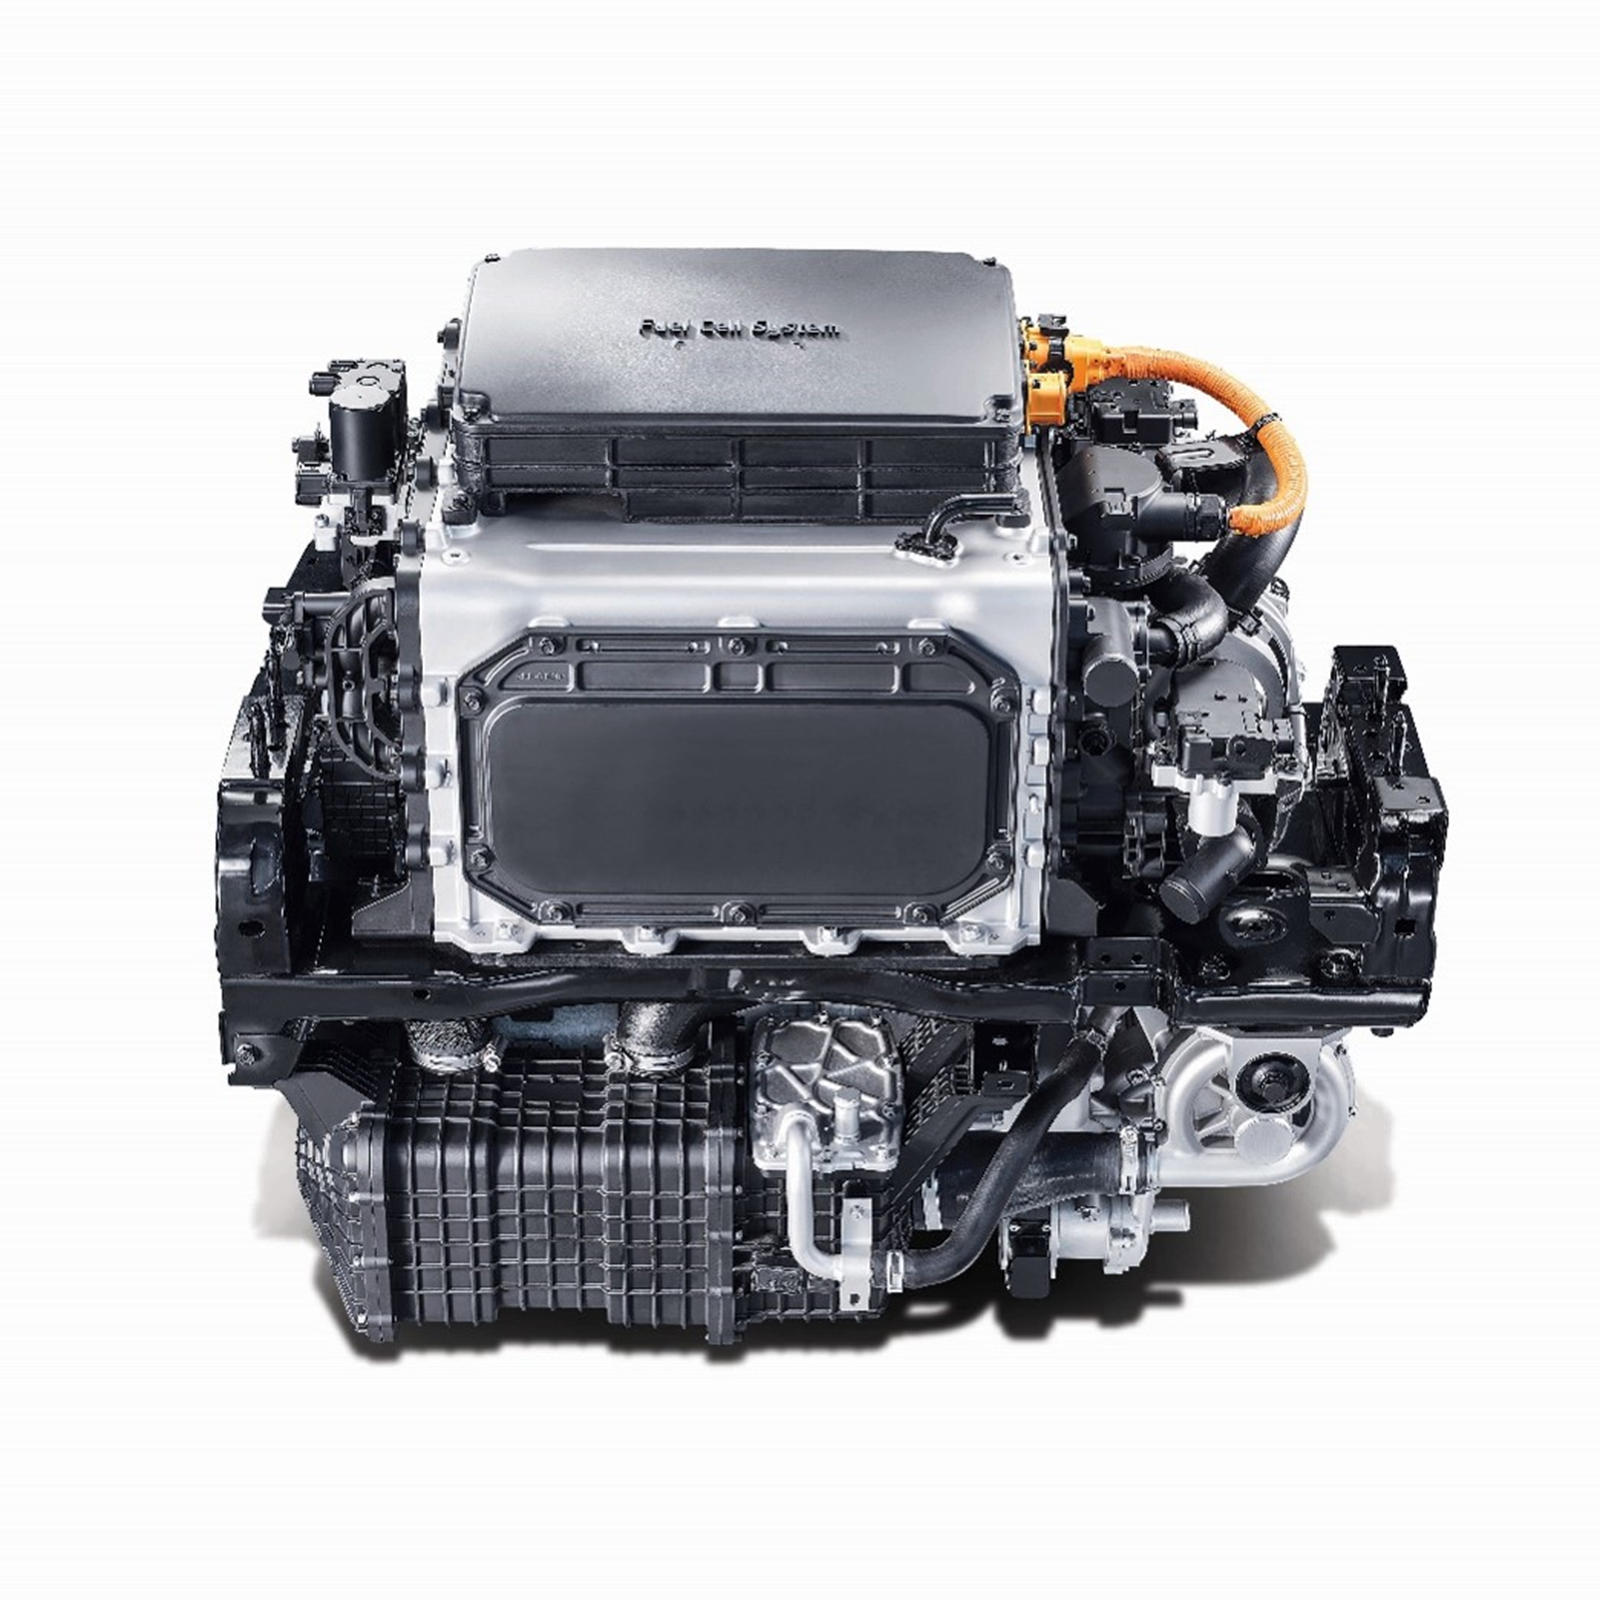 Теперь Hyundai объявил о своем объединении с Ineos для разработки водородной версии внедорожника Grenadier в стиле Land Rover Defender. Вместе эти две компании также будут работать над производством и поставкой альтернативного источника топлива, чтоб